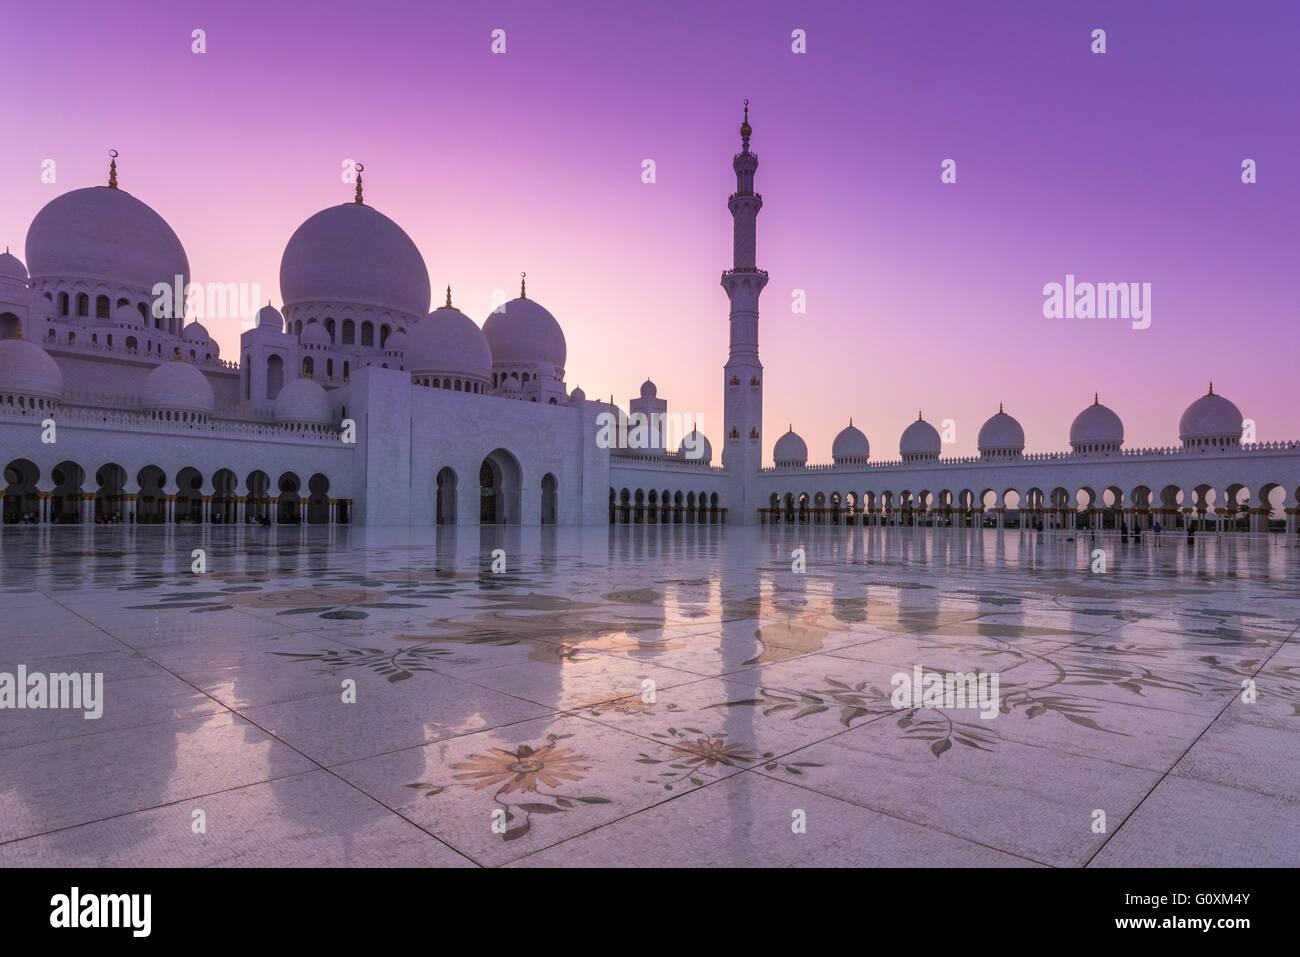 Grande Mosquée de Sheikh Zayed à Abu Dhabi, capitale des Émirats arabes unis au coucher du soleil Photo Stock